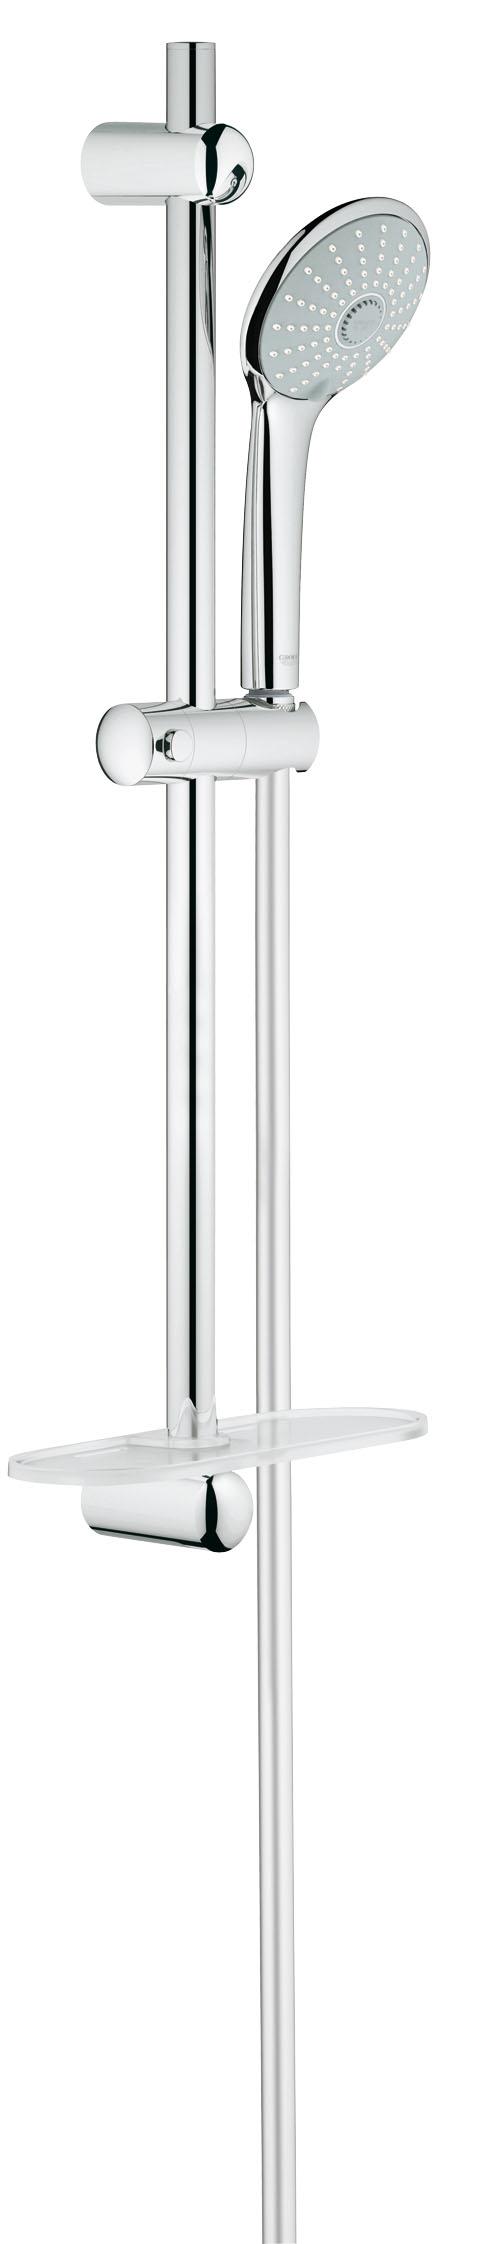 Душевой комплект GROHE Euphoria, штанга 600 мм. (27231001)27231001GROHE Euphoria 110 Massage: душевой гарнитур со штангой для бесподобно расслабляющих душевых процедур Этот ручной душ располагает приятным дополнением к стандартному режиму Rain и его водосберегающей версии SmartRain, а именно расслабляющим режимом Massage, в котором вода подается пульсирующей струей, позволяющей сделать приятный массаж, например, головы и шеи. Наслаждайтесь расслабляющими душевыми процедурами, установив в своей ванной комнате этот душевой гарнитур со множеством достоинств: к примеру, с помощью системы QuickFix Вы сможете быстро и легко установить входящую в комплект 600-миллиметровую душевую штангу, используя имеющиеся отверстия в стене или просверлив новые в межплиточных швах. В комплект входит шланг TwistFree, с которым Вы забудете о распутывании перекрученных душевых шлангов. Благодаря системе предотвращения известкования SpeedClean и хромированному покрытию GROHE StarLight данный гарнитур чрезвычайно неприхотлив в уходе и никогда не утратит своего ослепительного...